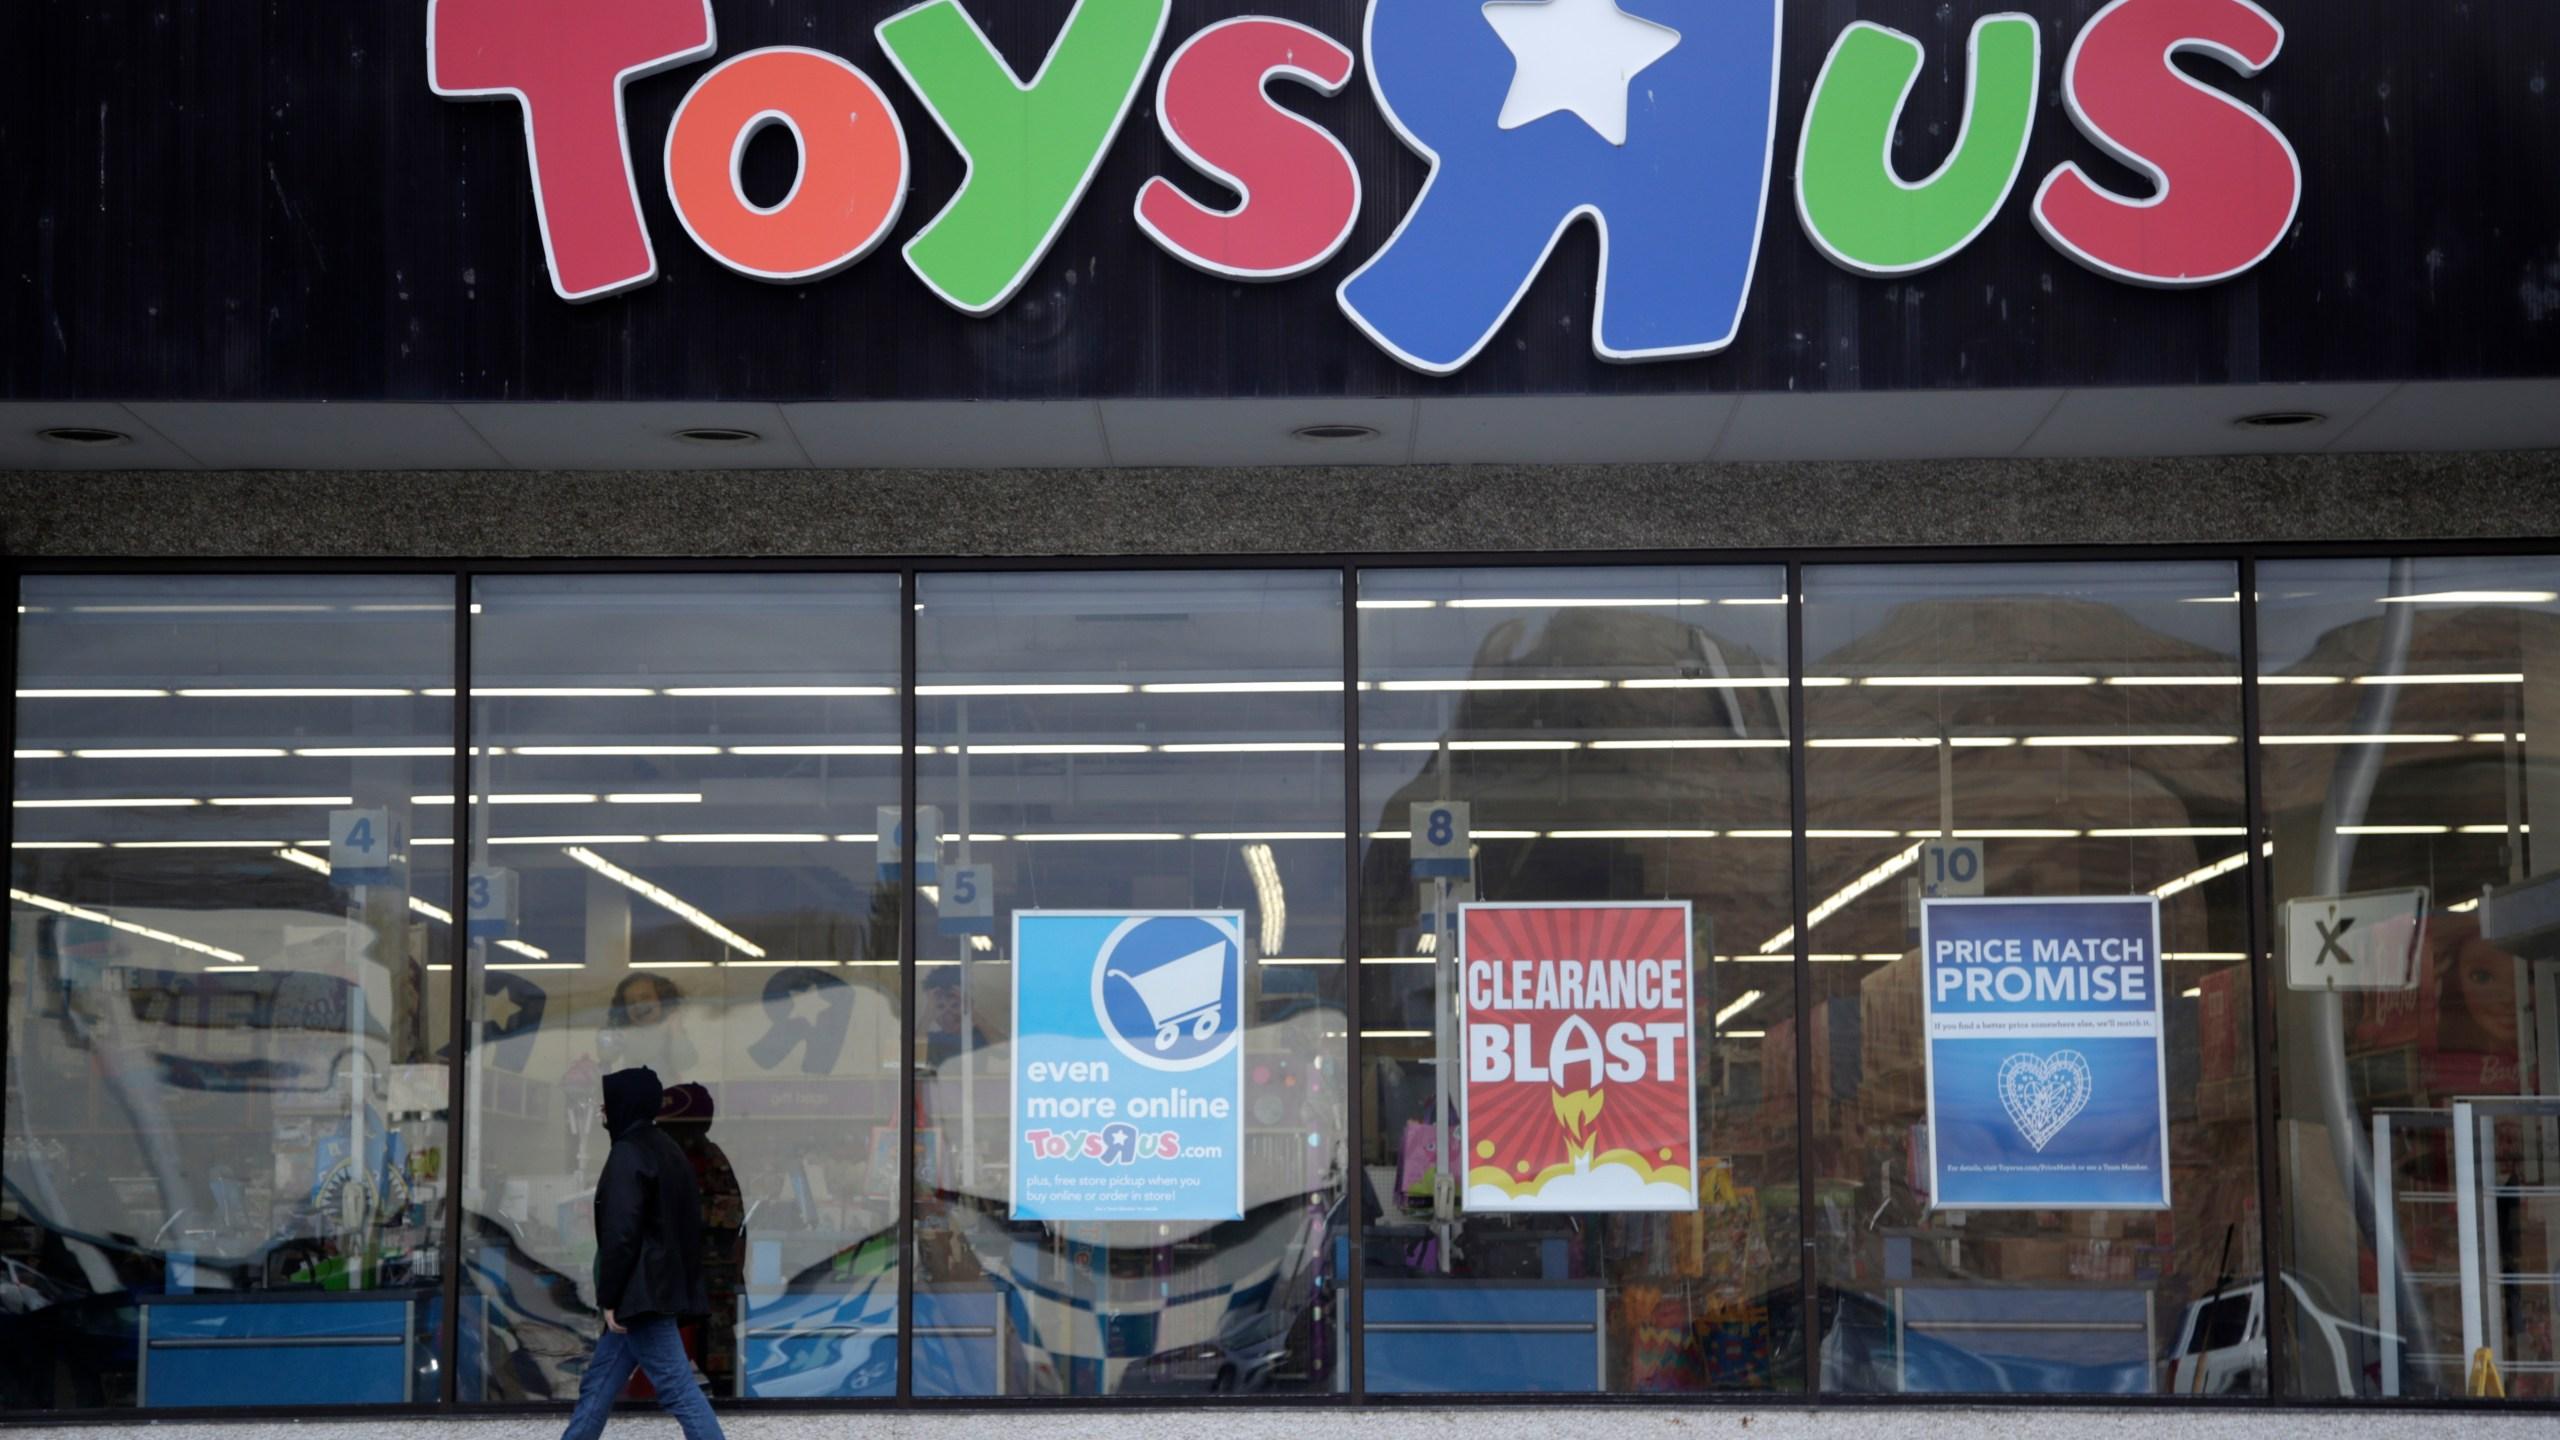 Toys_R_Us-Liquidation_28297-159532.jpg14313451